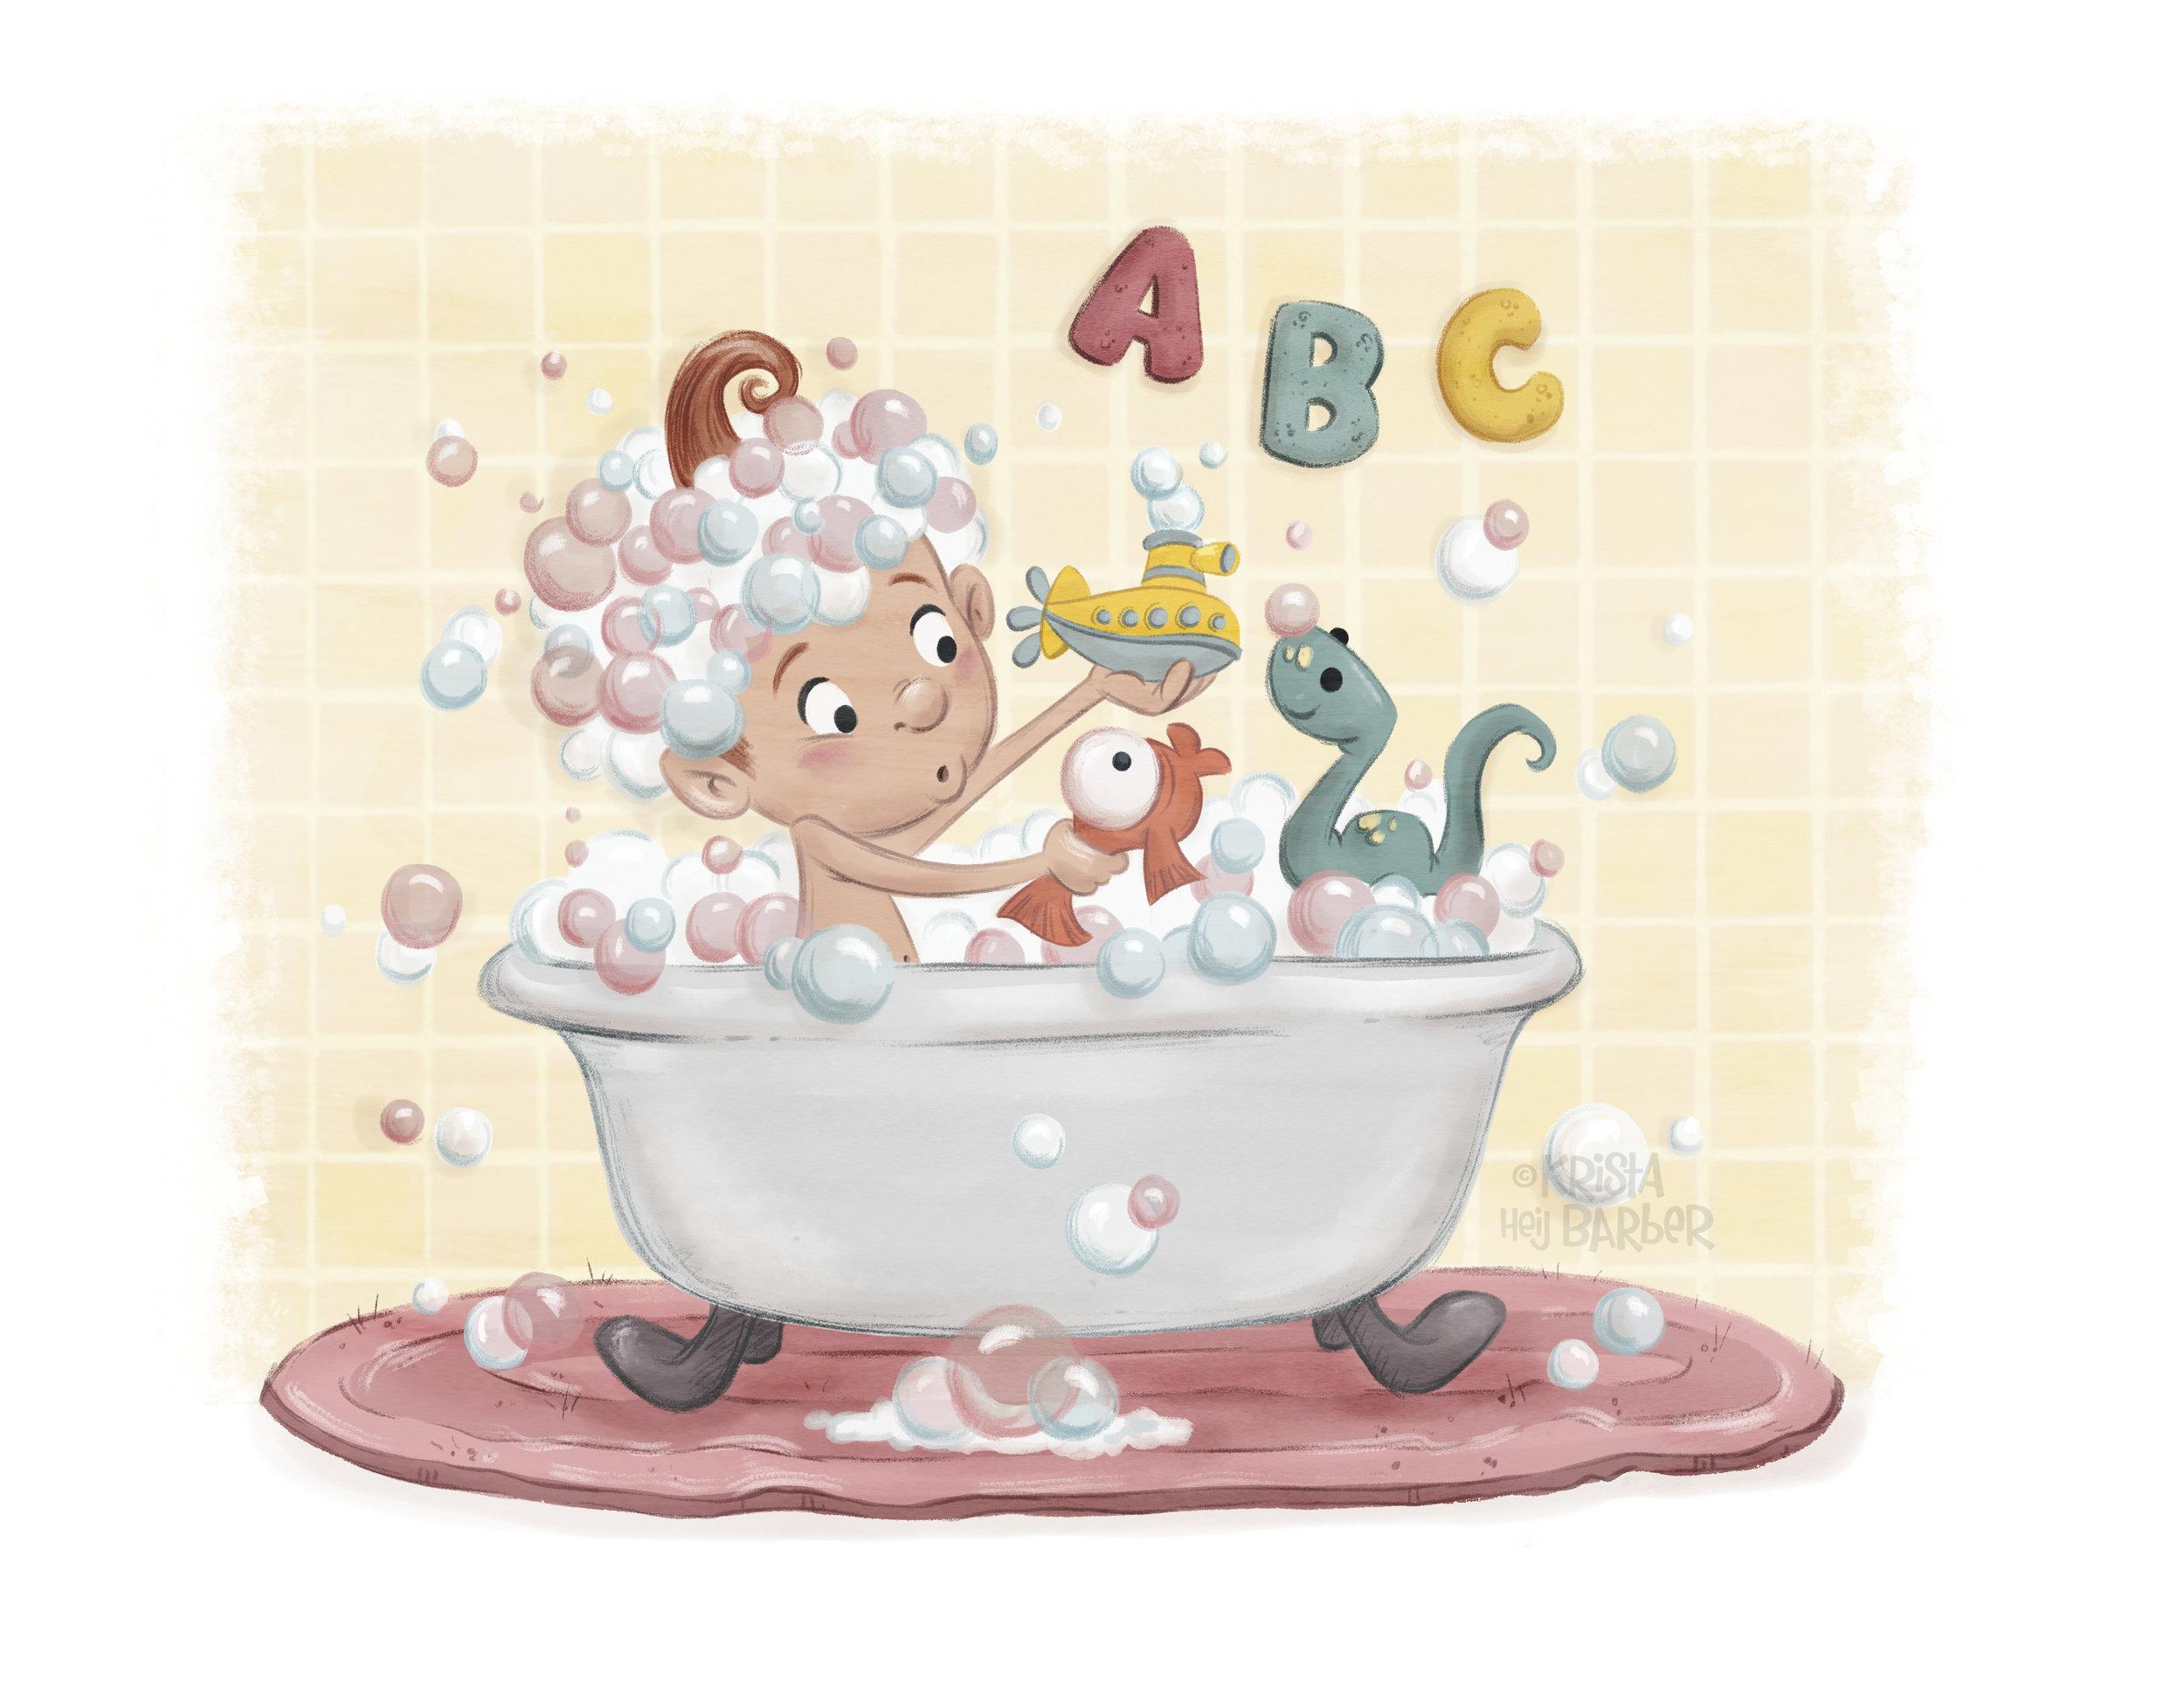 Bathtime Fun-Final2.jpg